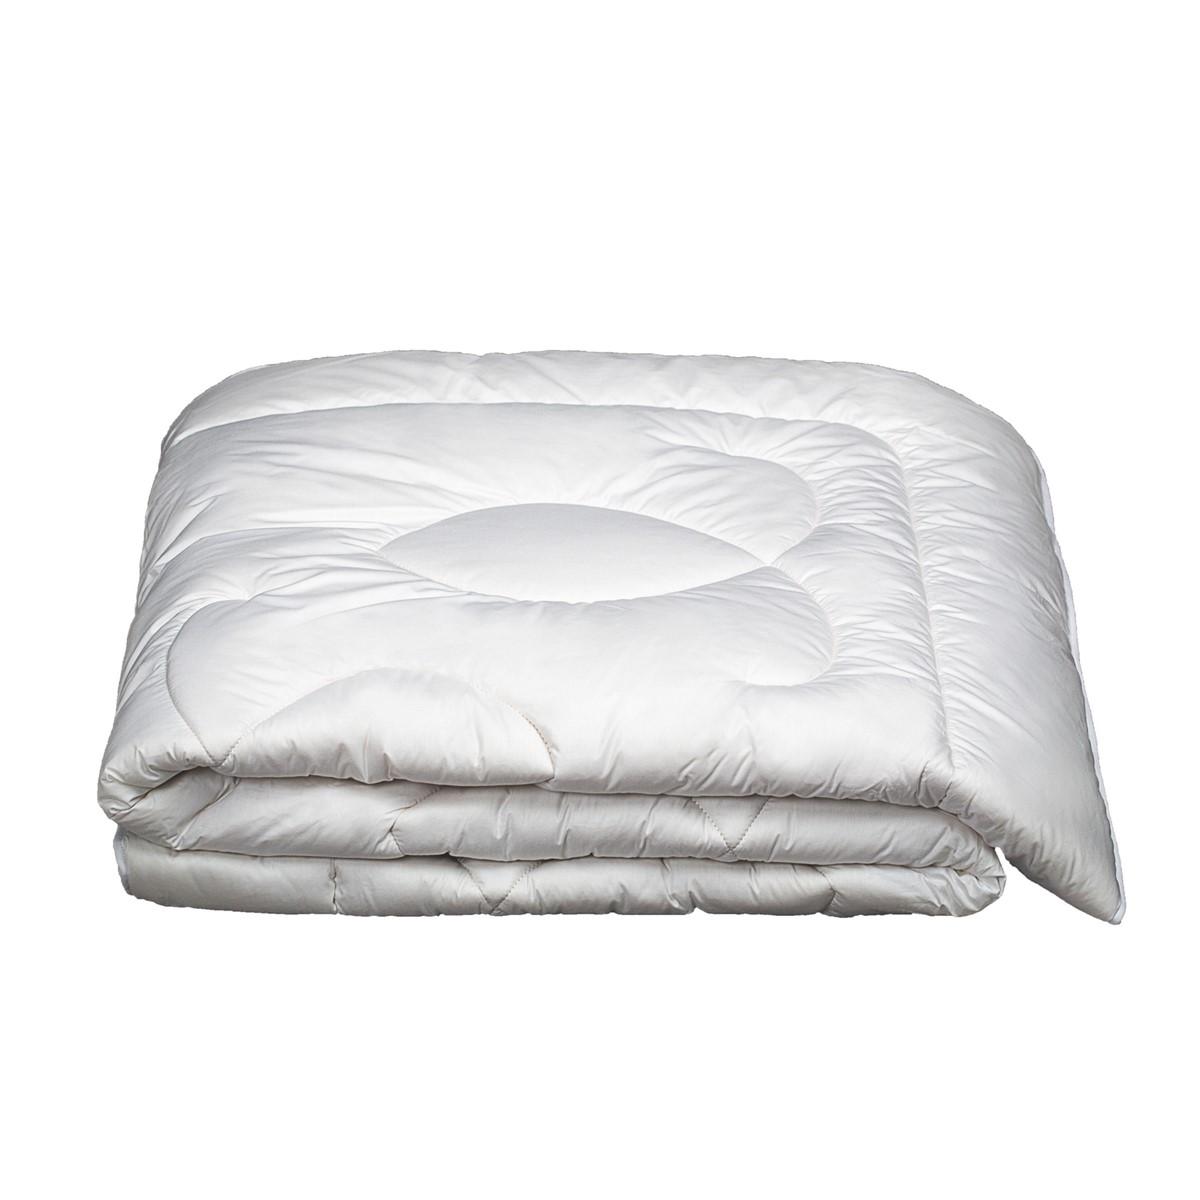 Couette Chaude Naturel en Laine Très chaud Blanc 220x240 cm